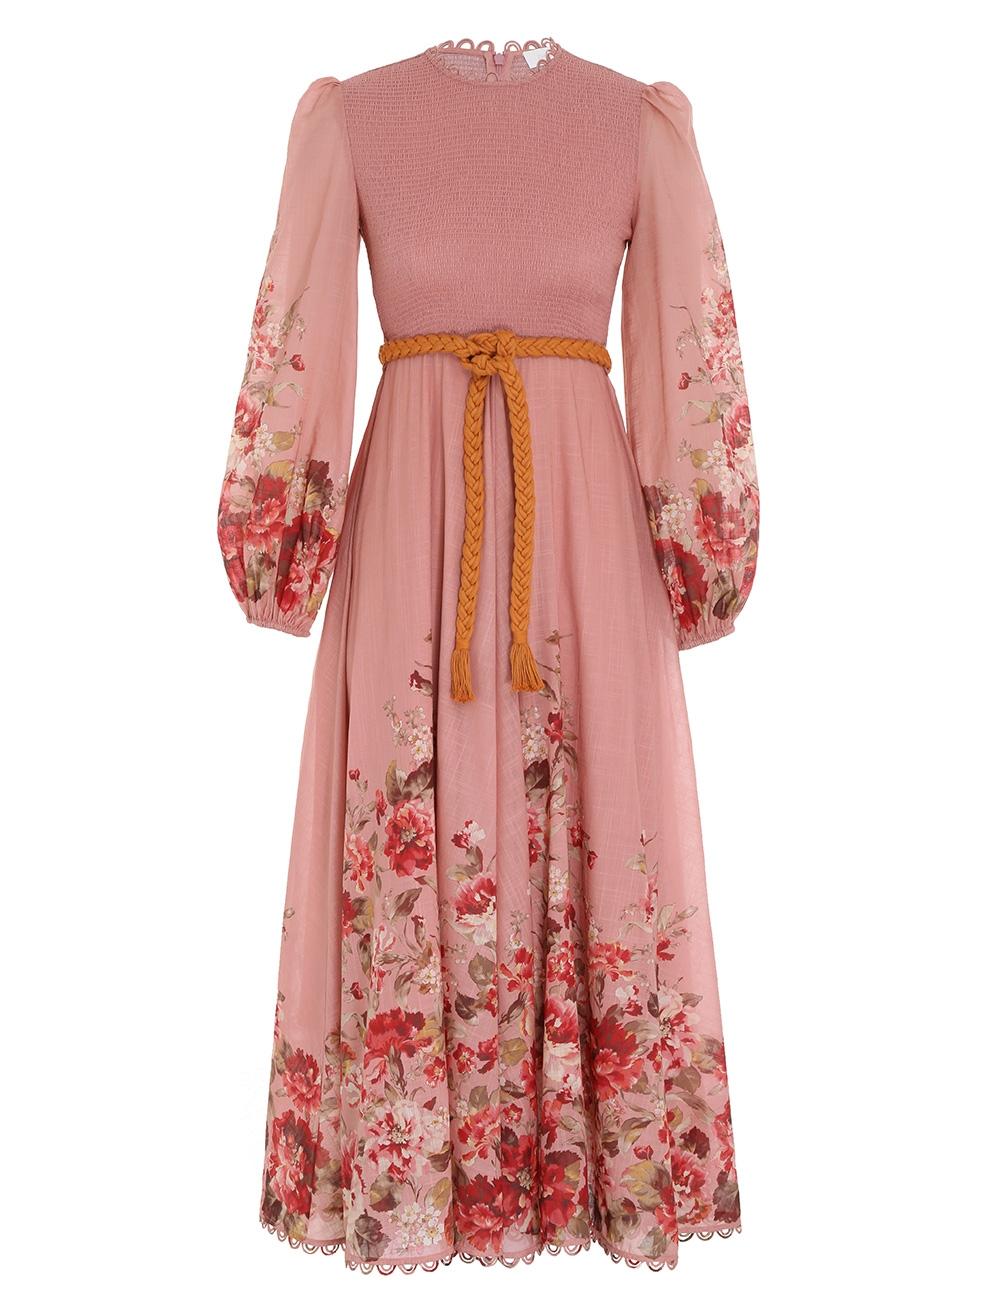 Cassia Shirred Midi Dress